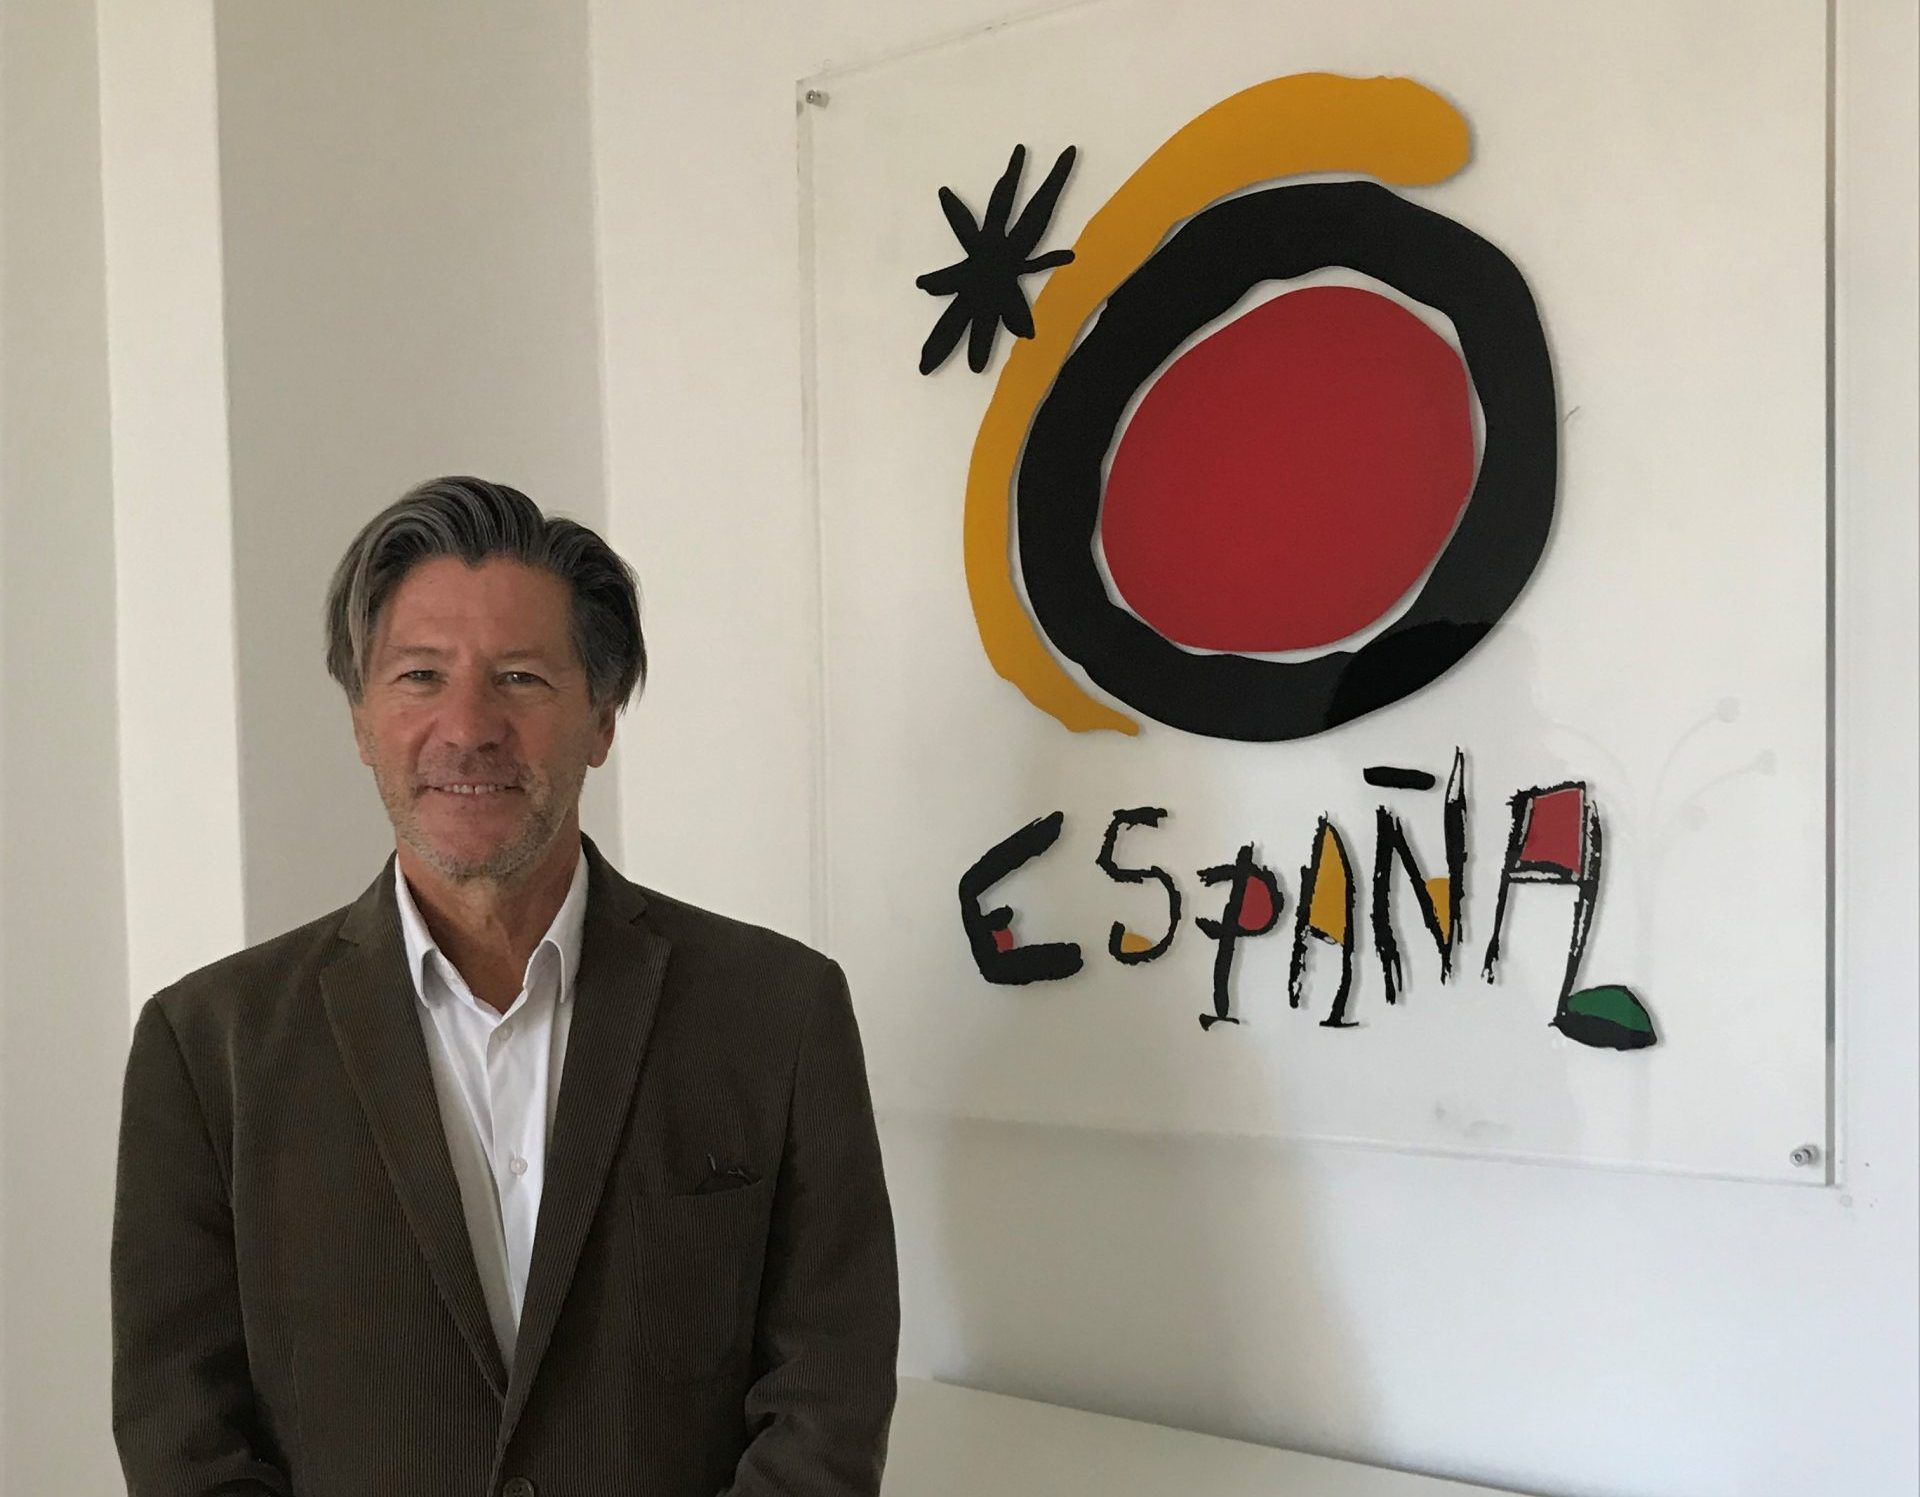 Jose Luis Real Moreno er ny direktør for Den Spanske Stats Turistbureau i København. Foto: Maria Diaz.